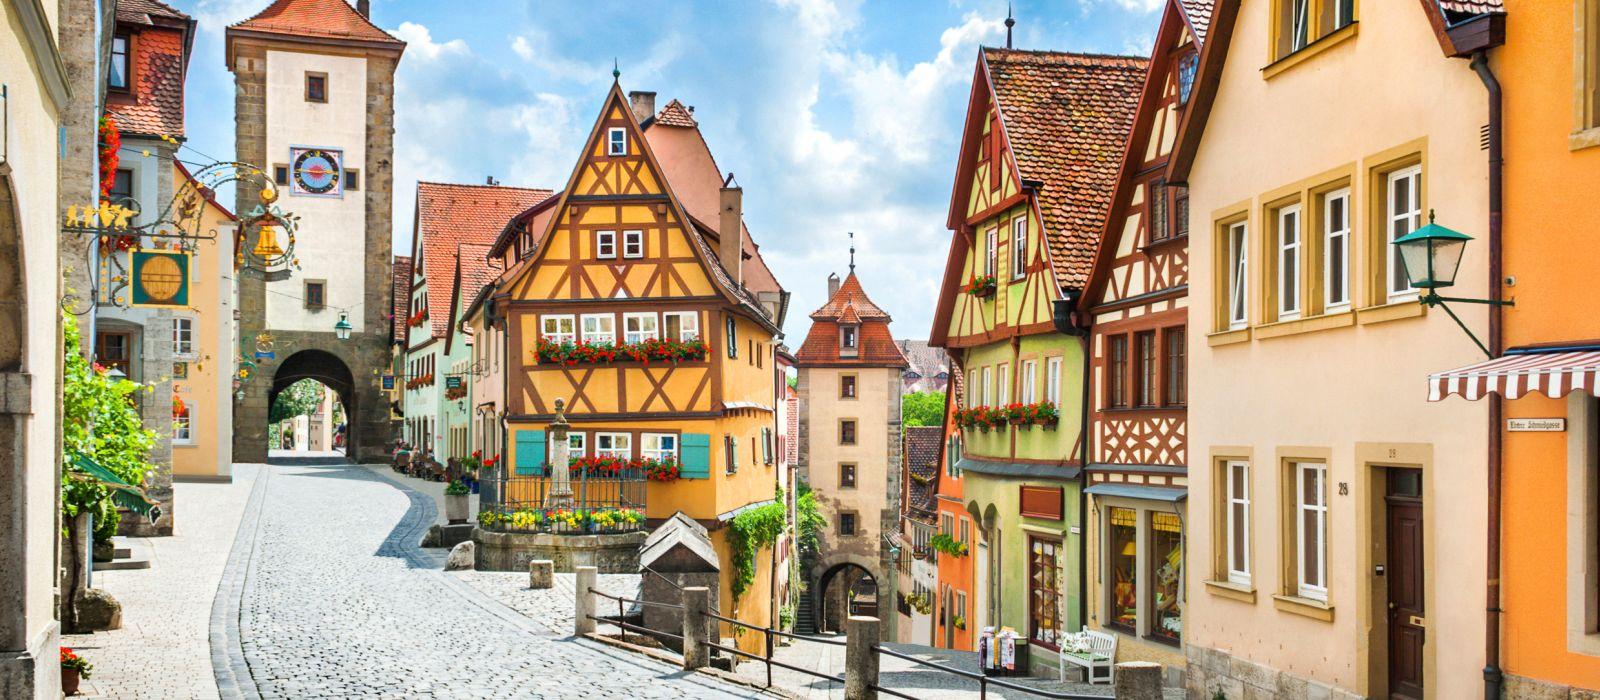 Destination Rothenburg ob der Tauber Germany